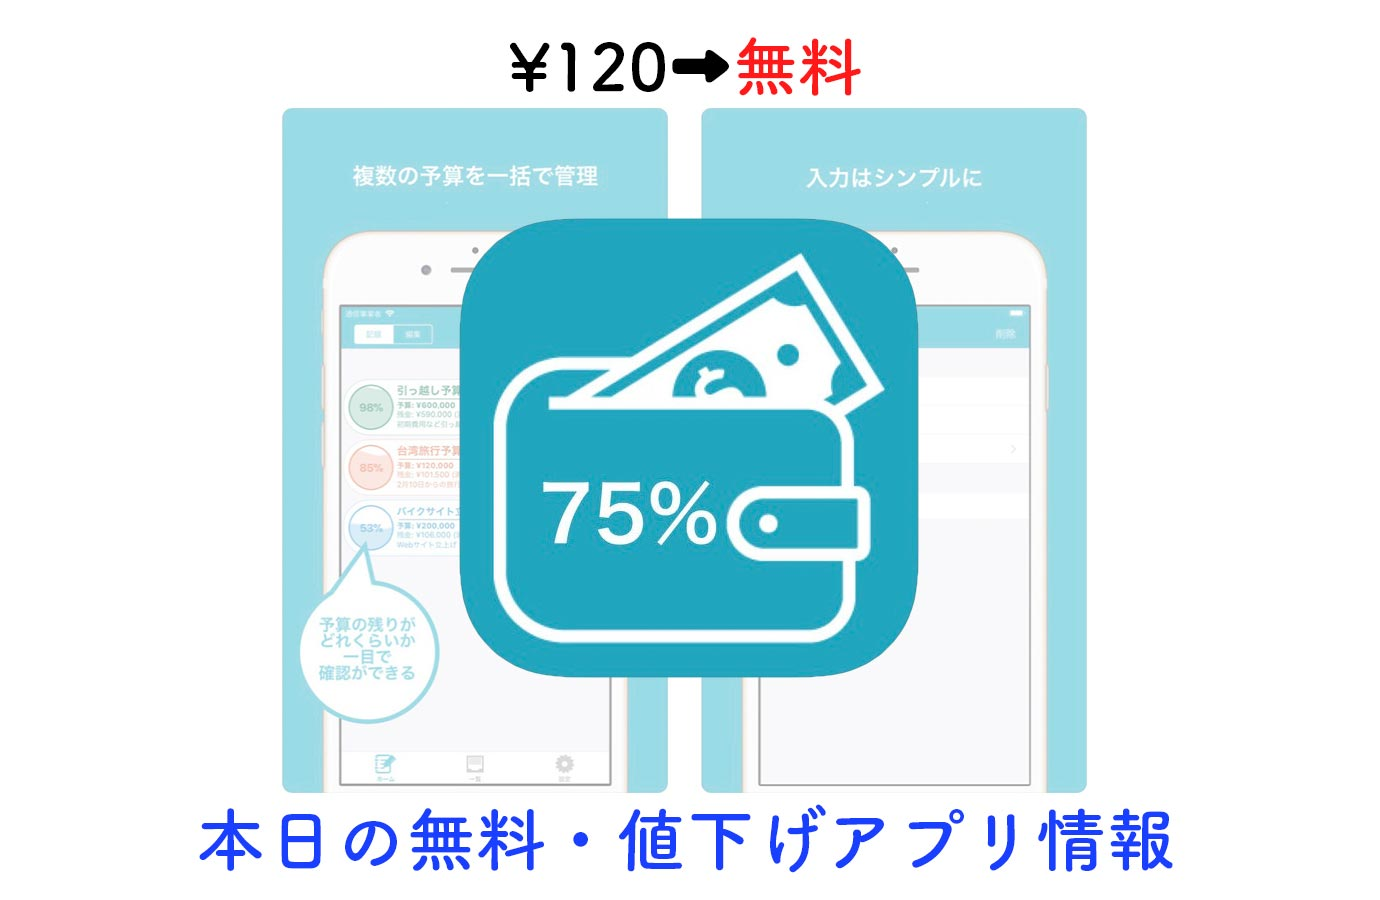 ¥120→無料、複数の予算を一括して管理できる『簡単・シンプルな「予算管理」』など【3/20】セールアプリ情報